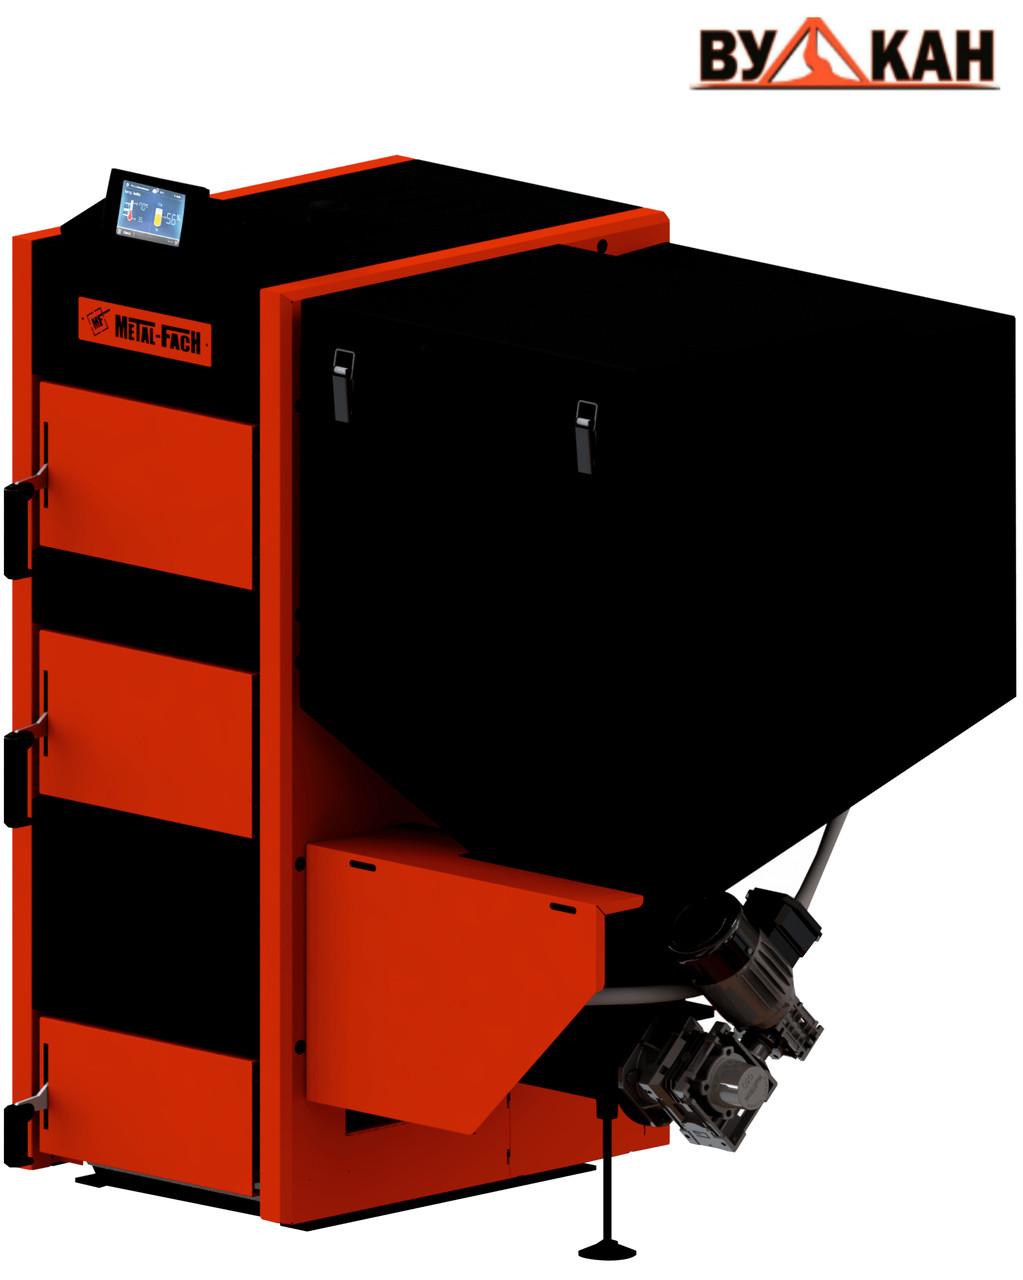 Автоматический котел Metal-Fach SEG 14 кВт с правой подачей